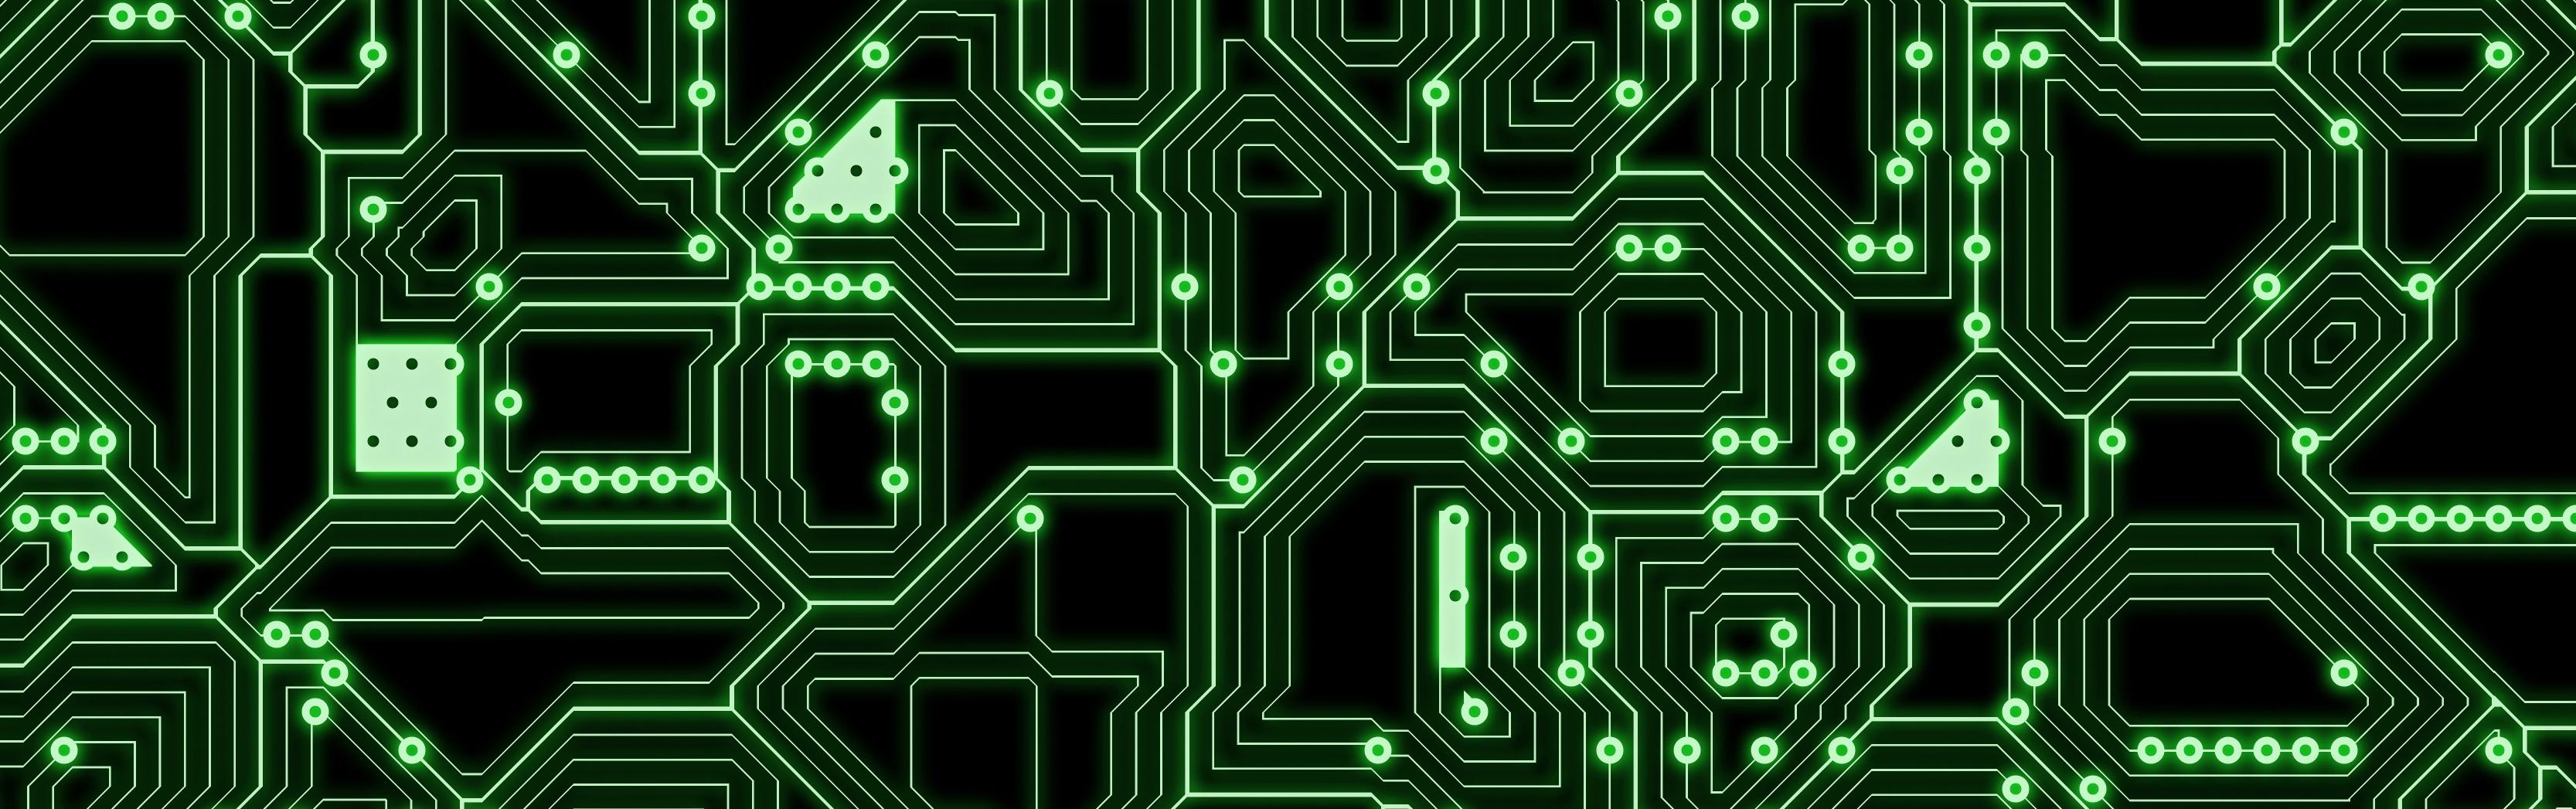 「万物智能」时代的机遇与挑战